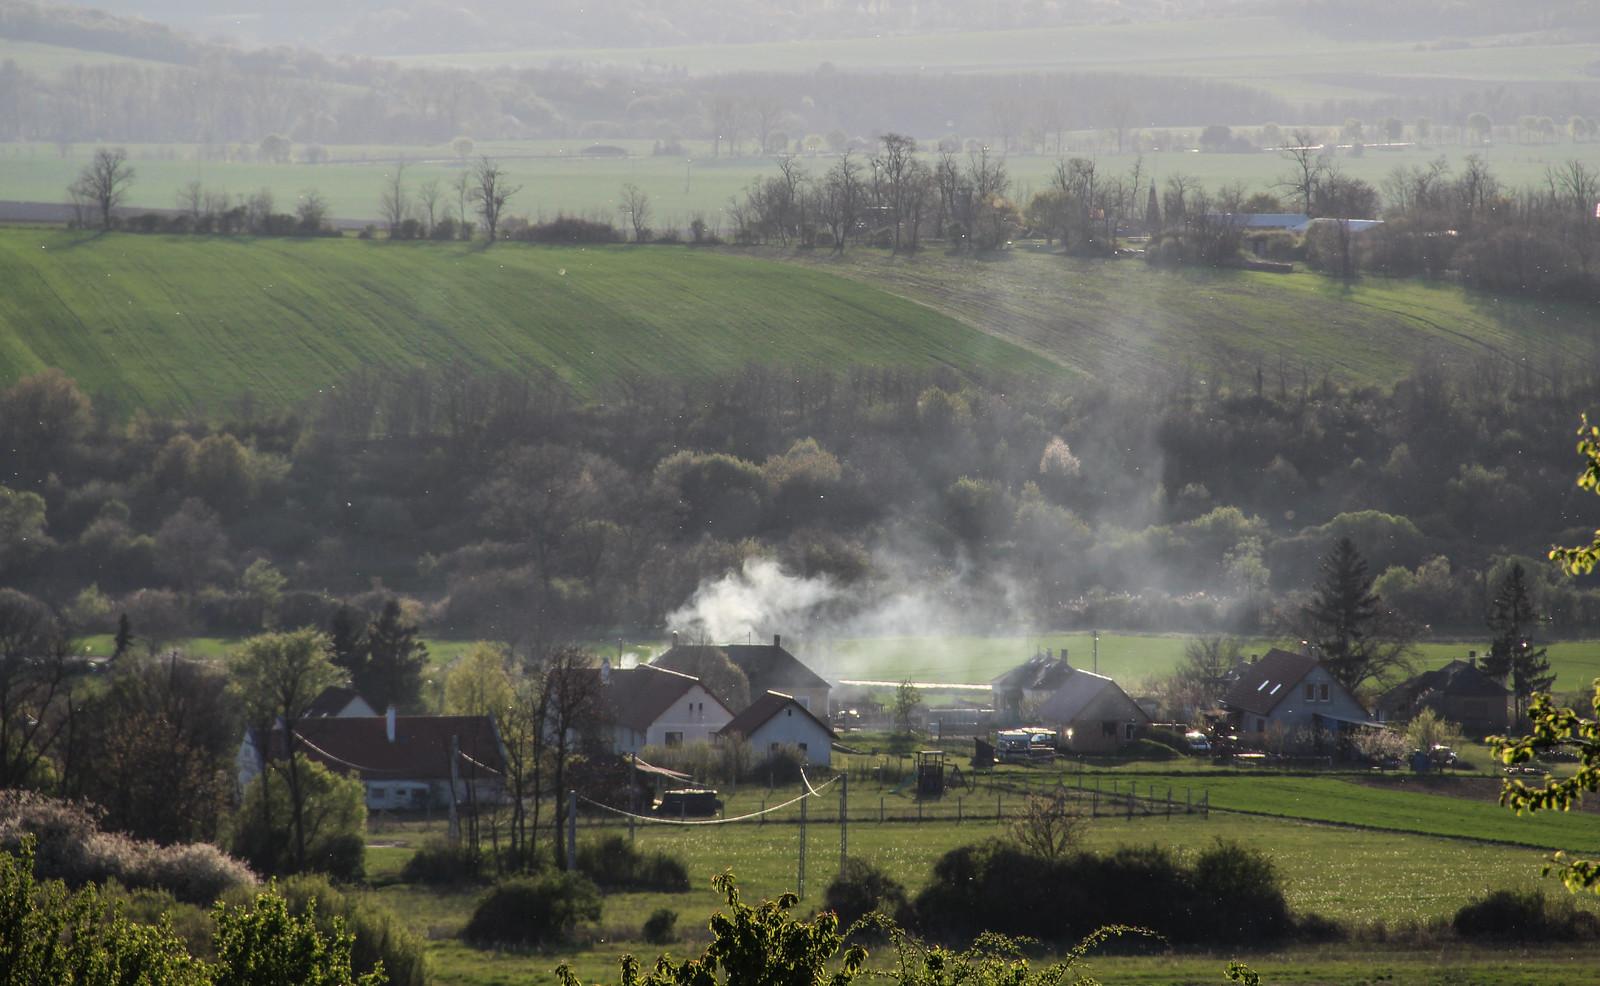 A kéményfüstben lévő szén-dioxidot alakítják hasznos anyaggá az SZTE kutatói